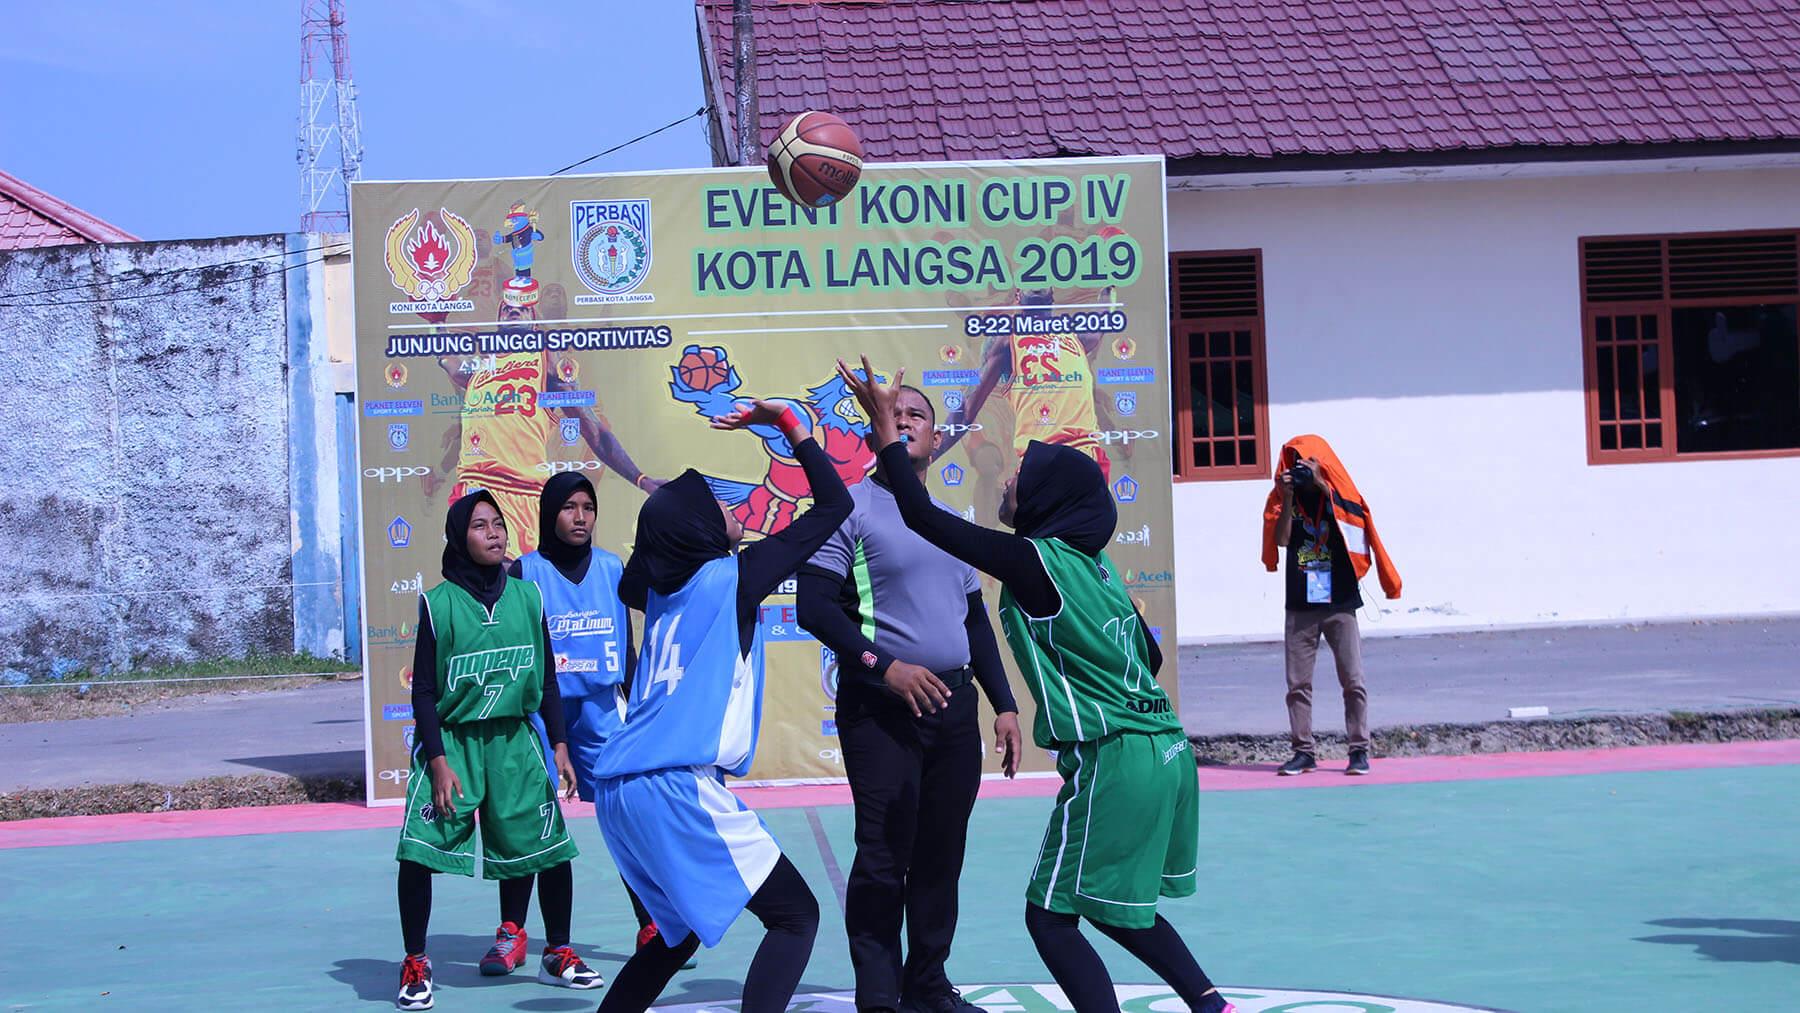 koni cup iv 2019 - basket